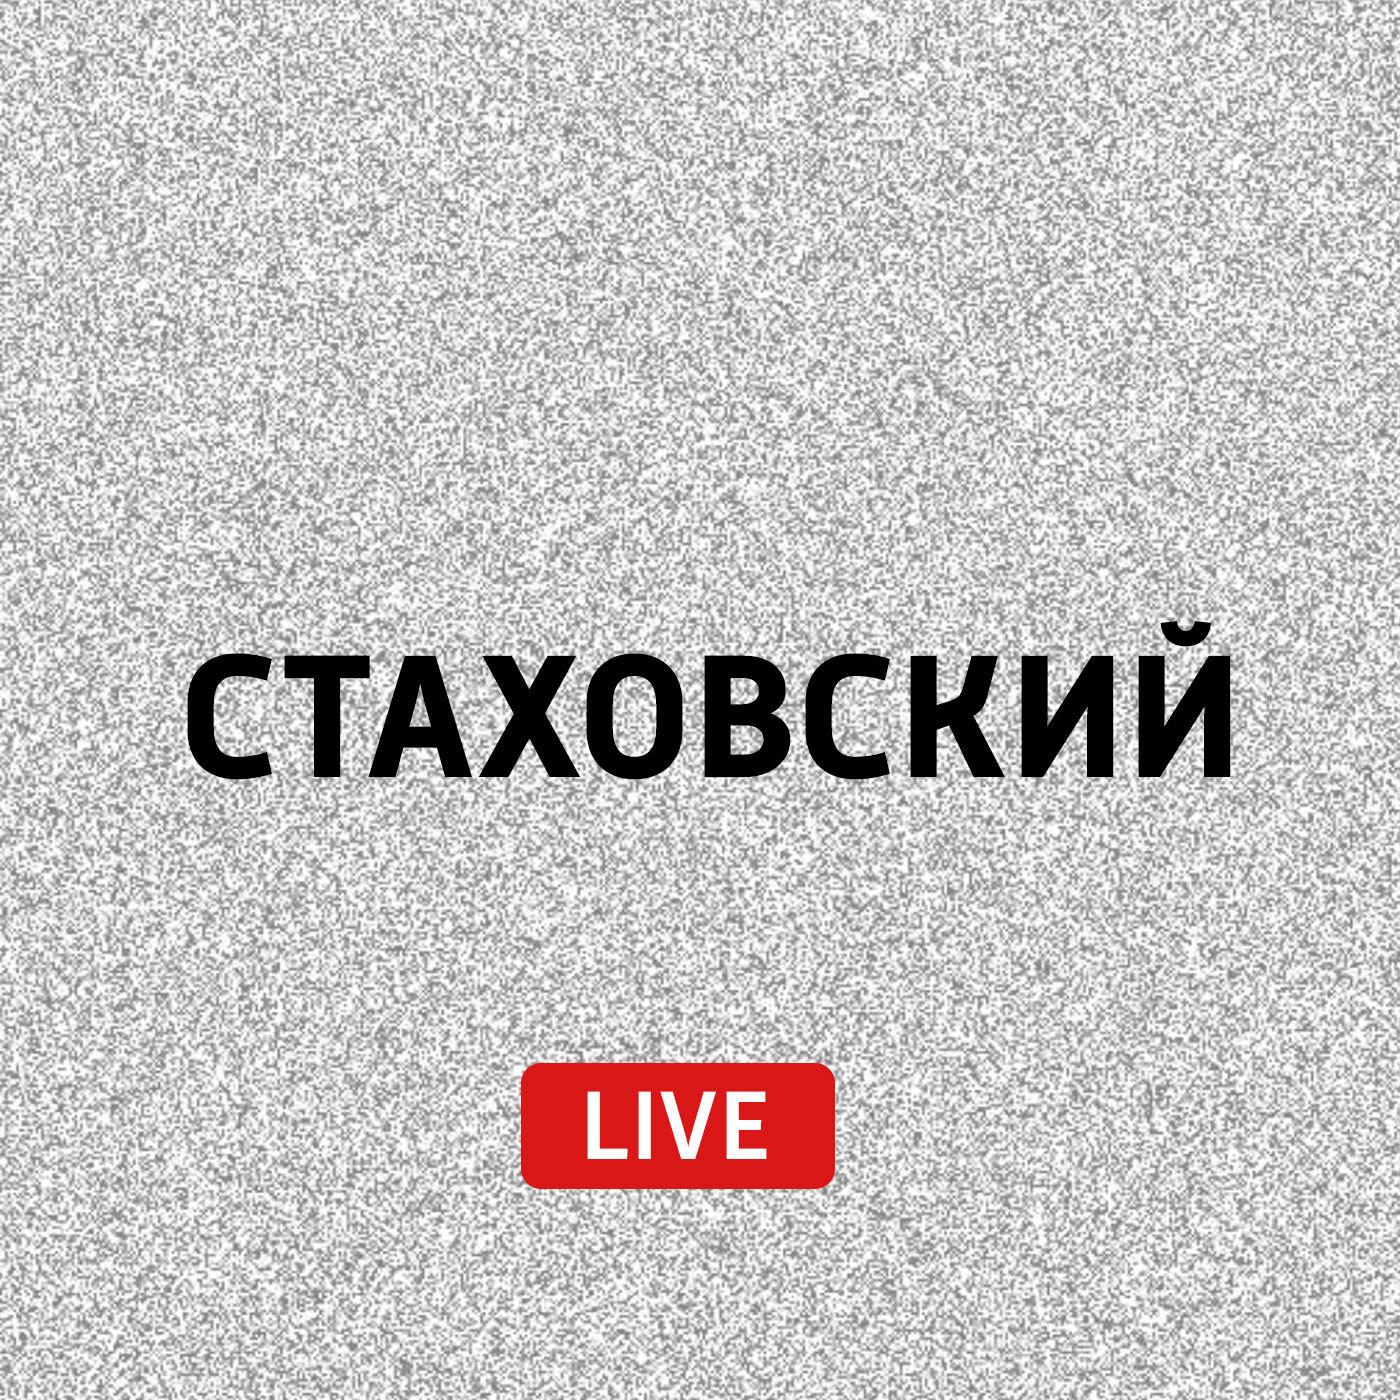 Евгений Стаховский / Исторические явления в литературе, ощущение дома и жизнь в соцсетях